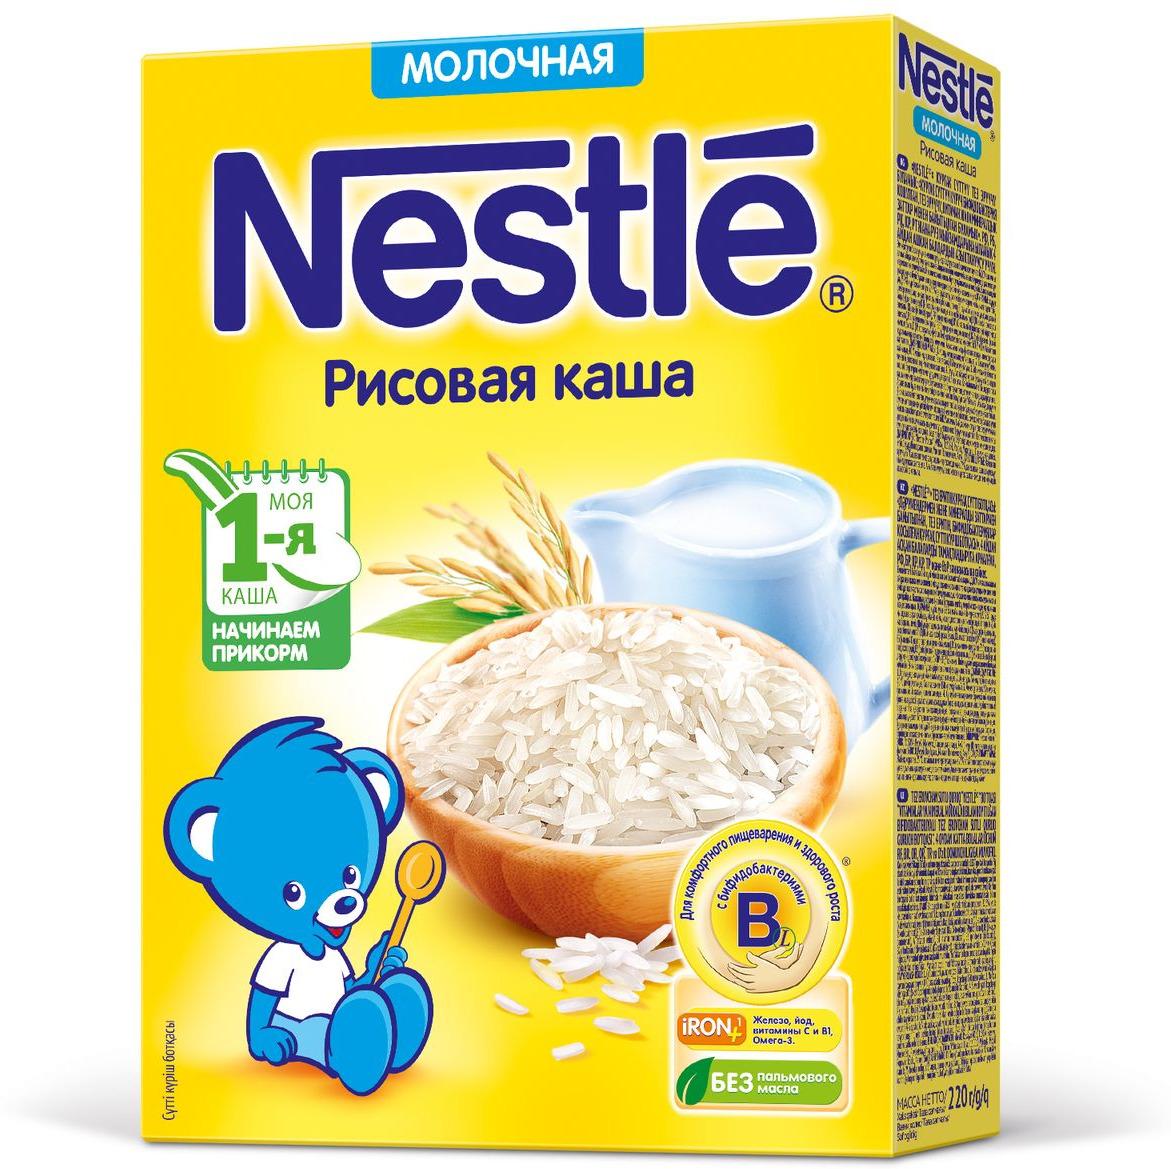 Nestle рисовая каша молочная, 220 г